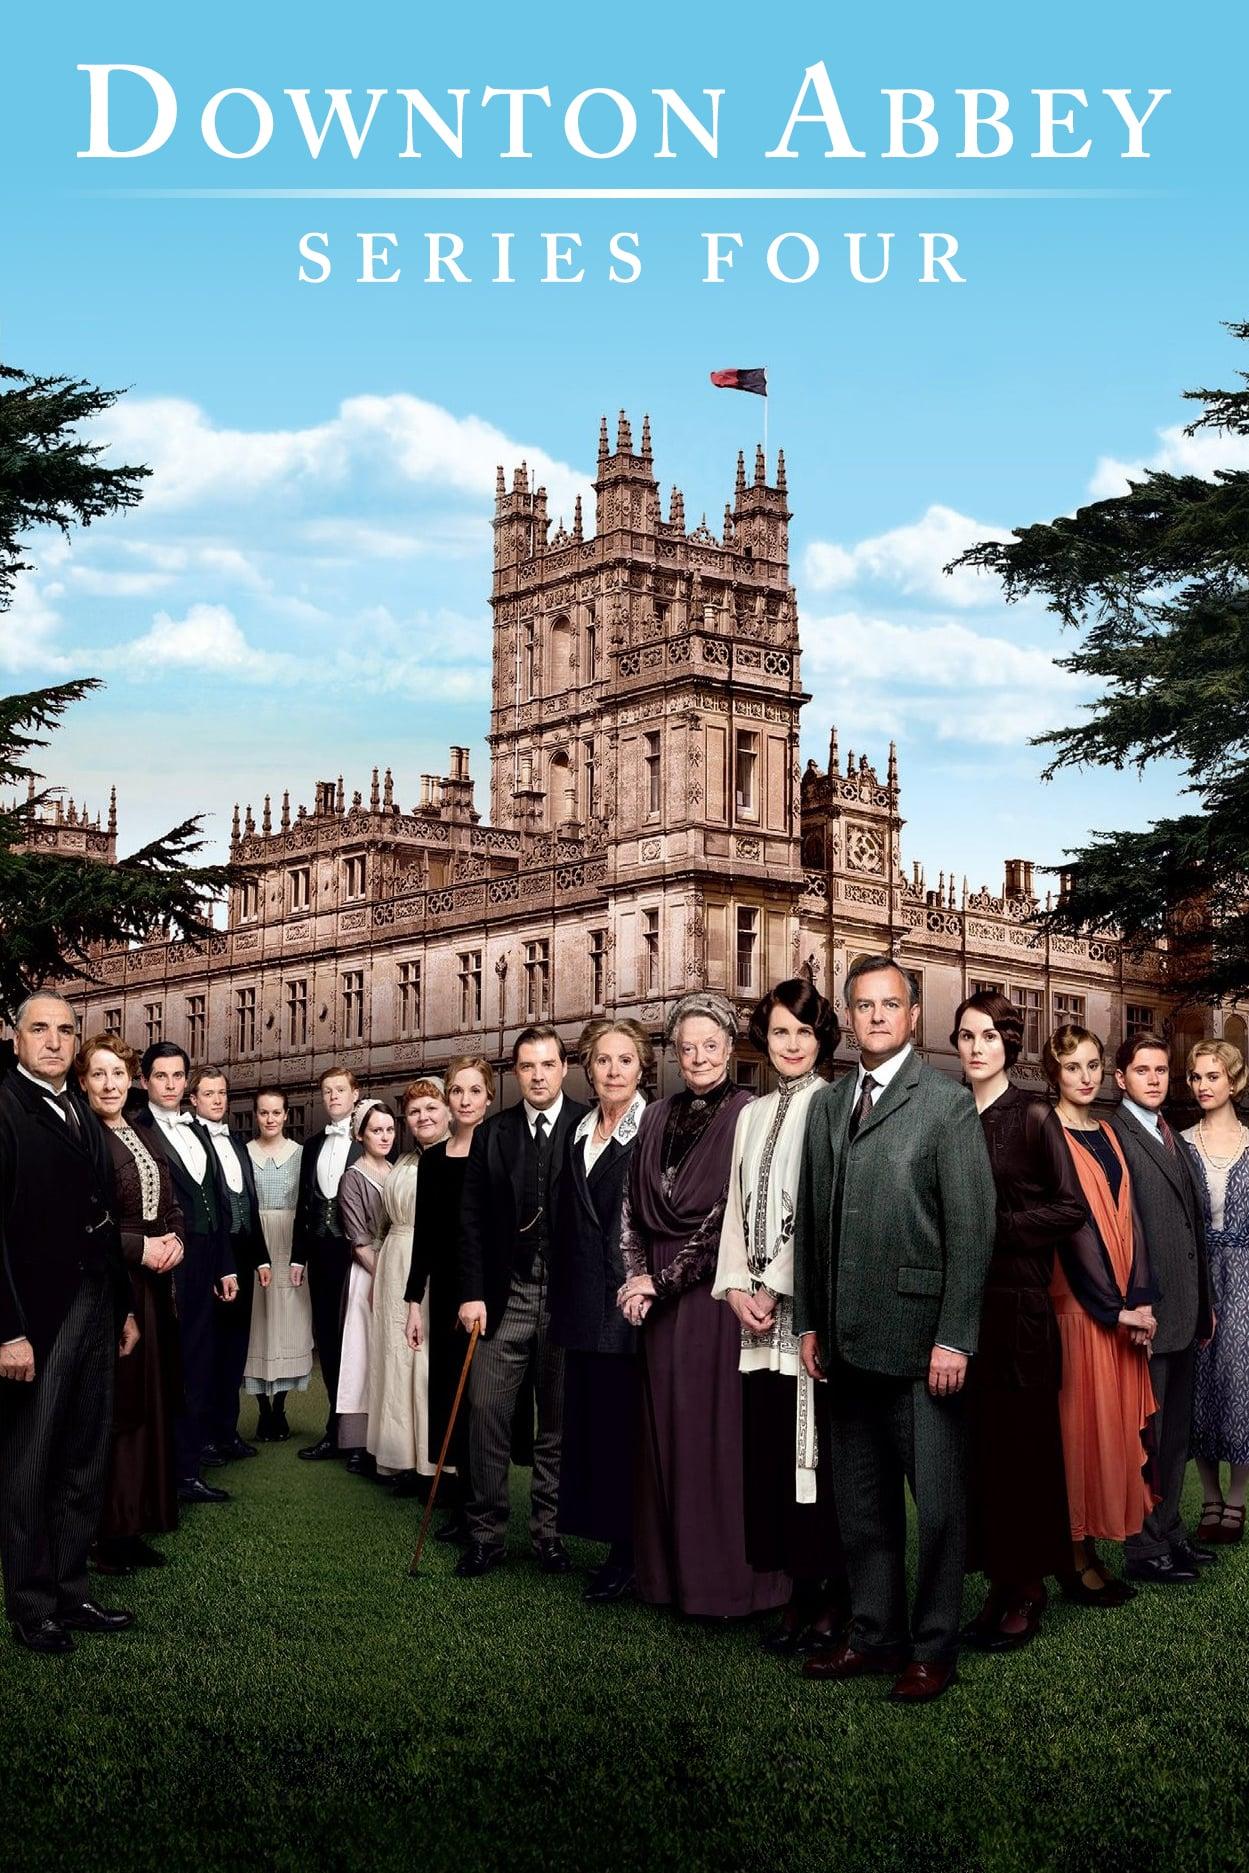 Downton Abbey Saison 4 Episode 9 Vf Streaming Gratuit : downton, abbey, saison, episode, streaming, gratuit, Downton, Abbey, Saison, AlloCiné